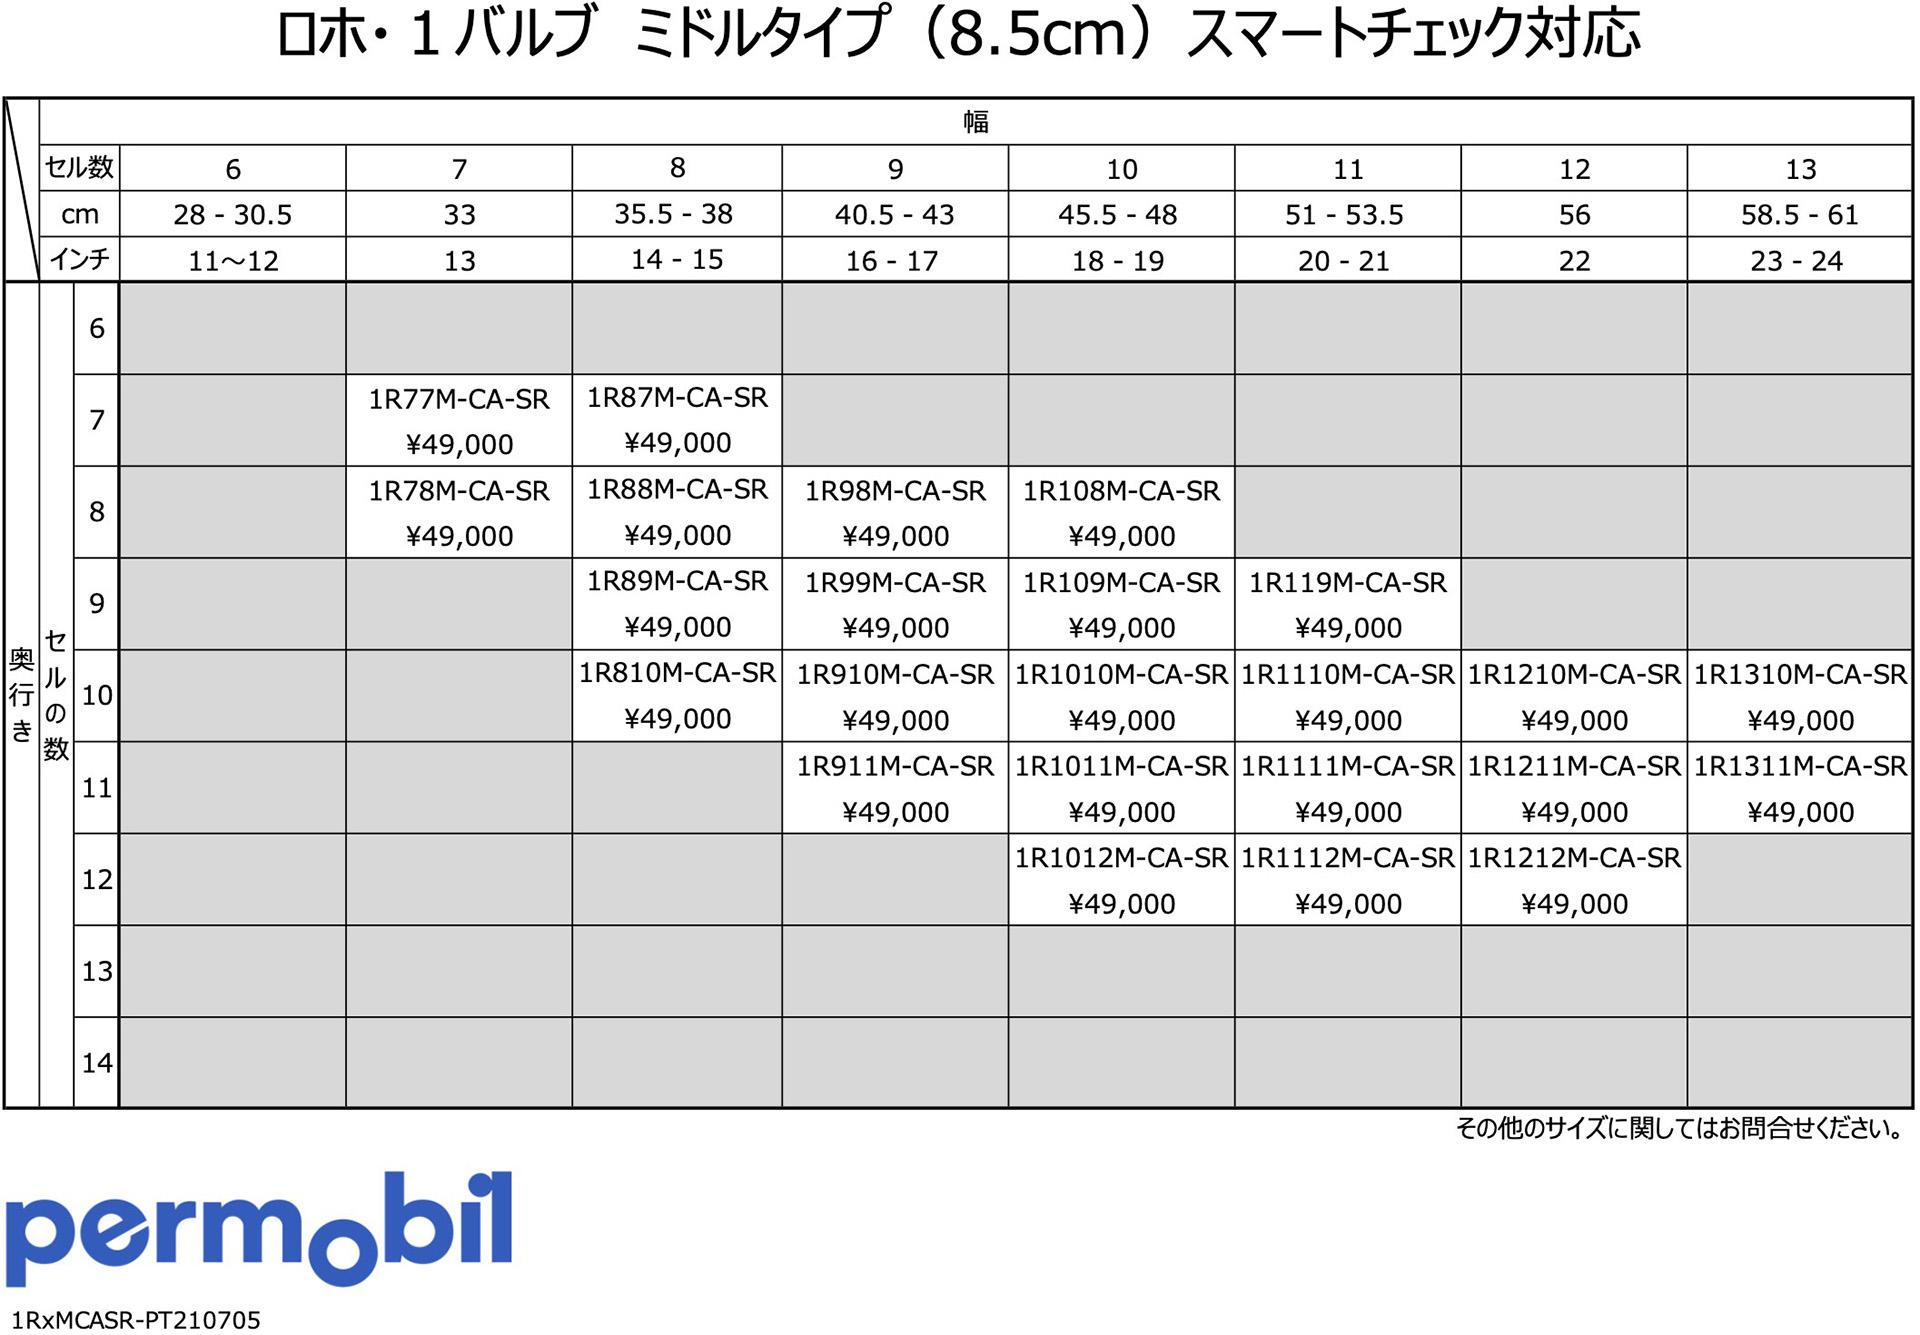 価格早見表 - ロホ・1バルブ-ミドルタイプ(8.5cm)スマートチェック対応